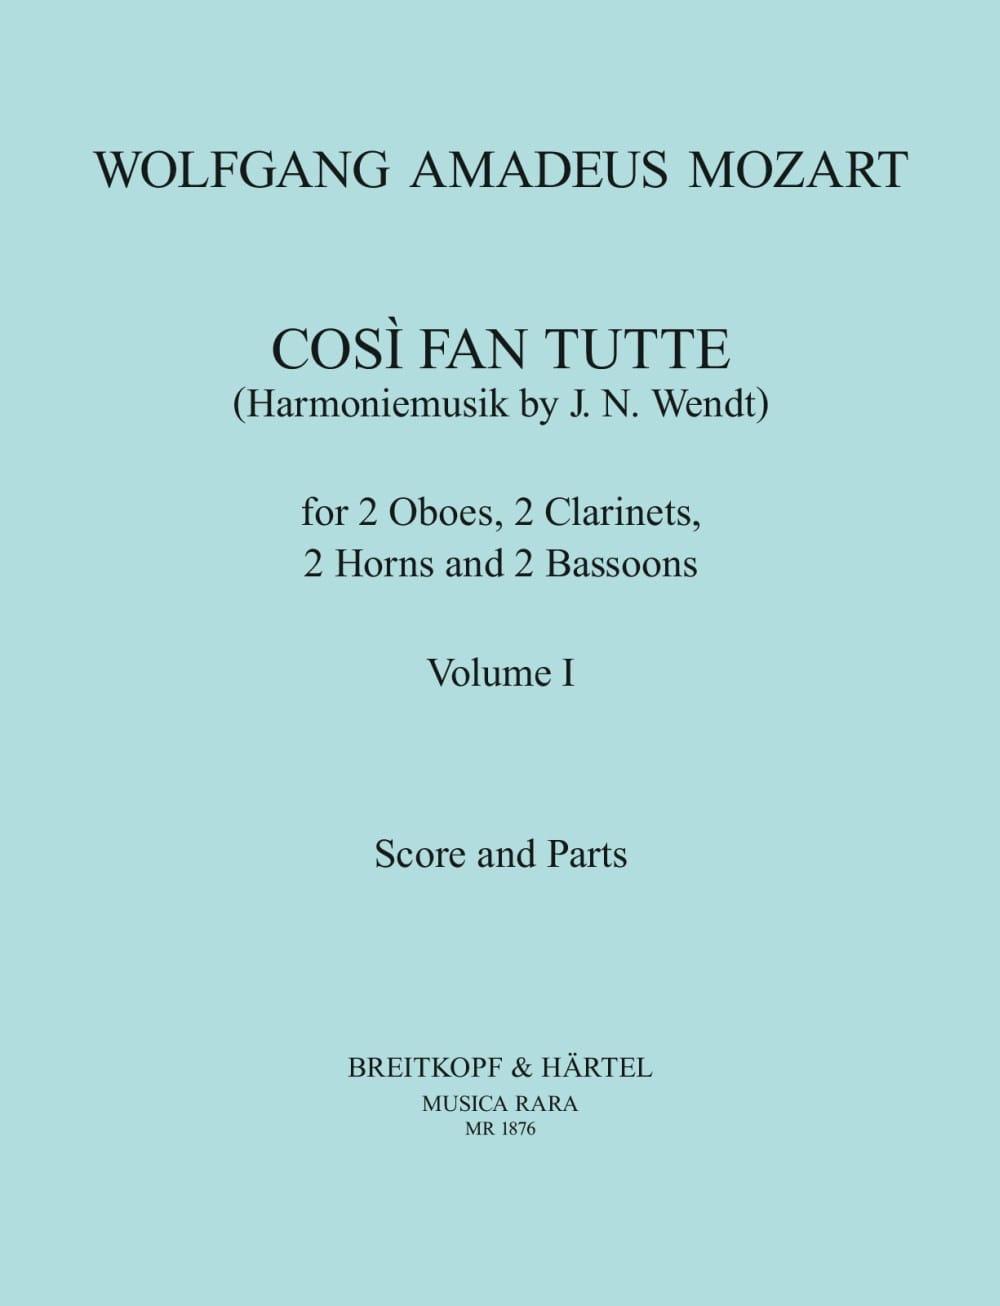 MOZART - Cosi Fan Tutte Volume 1 - harmoniemusik - Score Parts - Partition - di-arezzo.co.uk